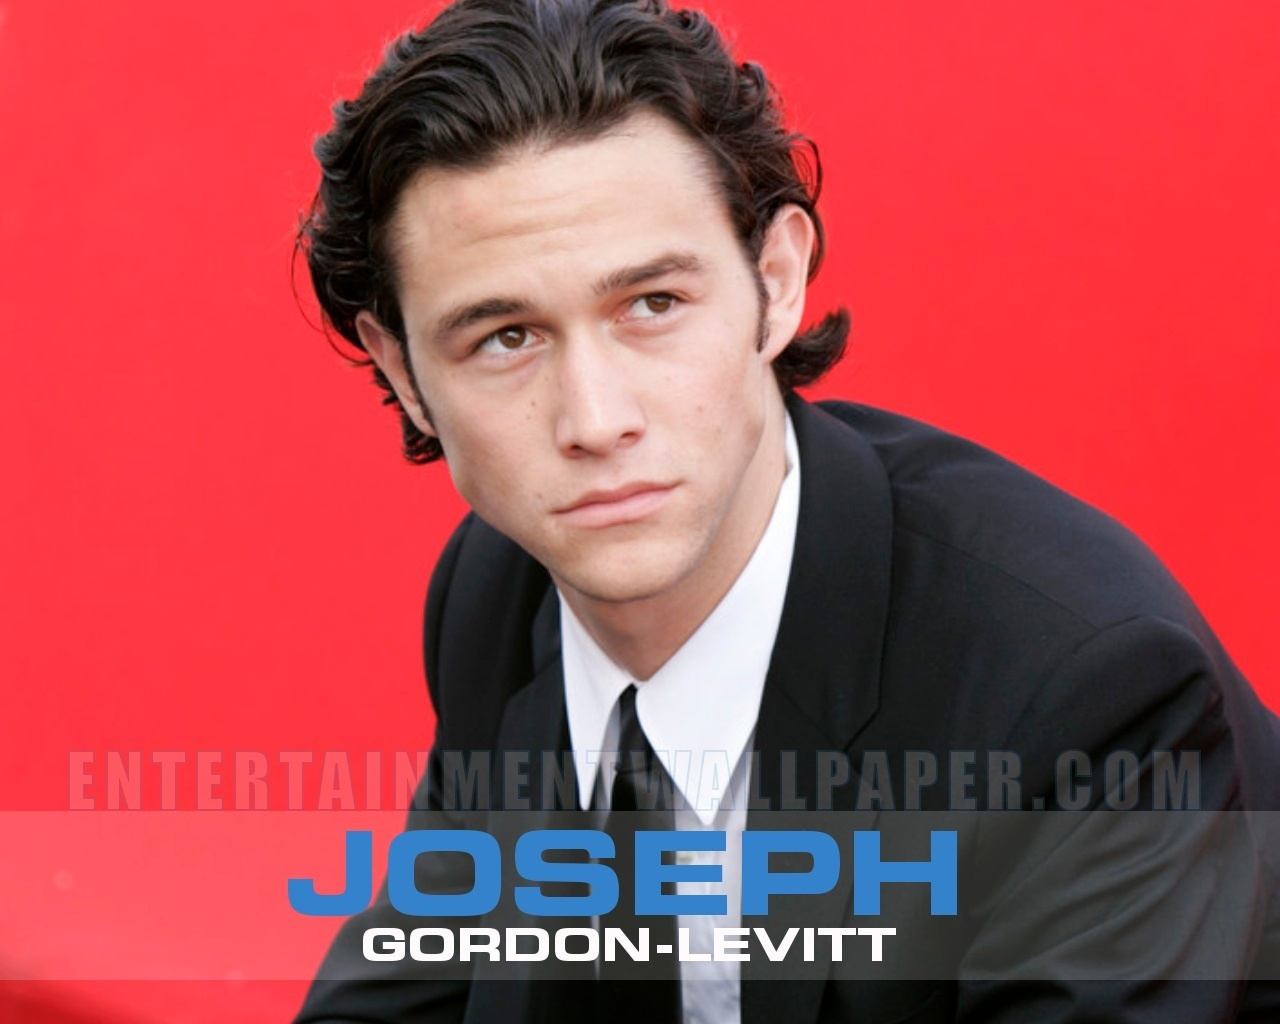 Joseph Gordon Levitt Long Hair